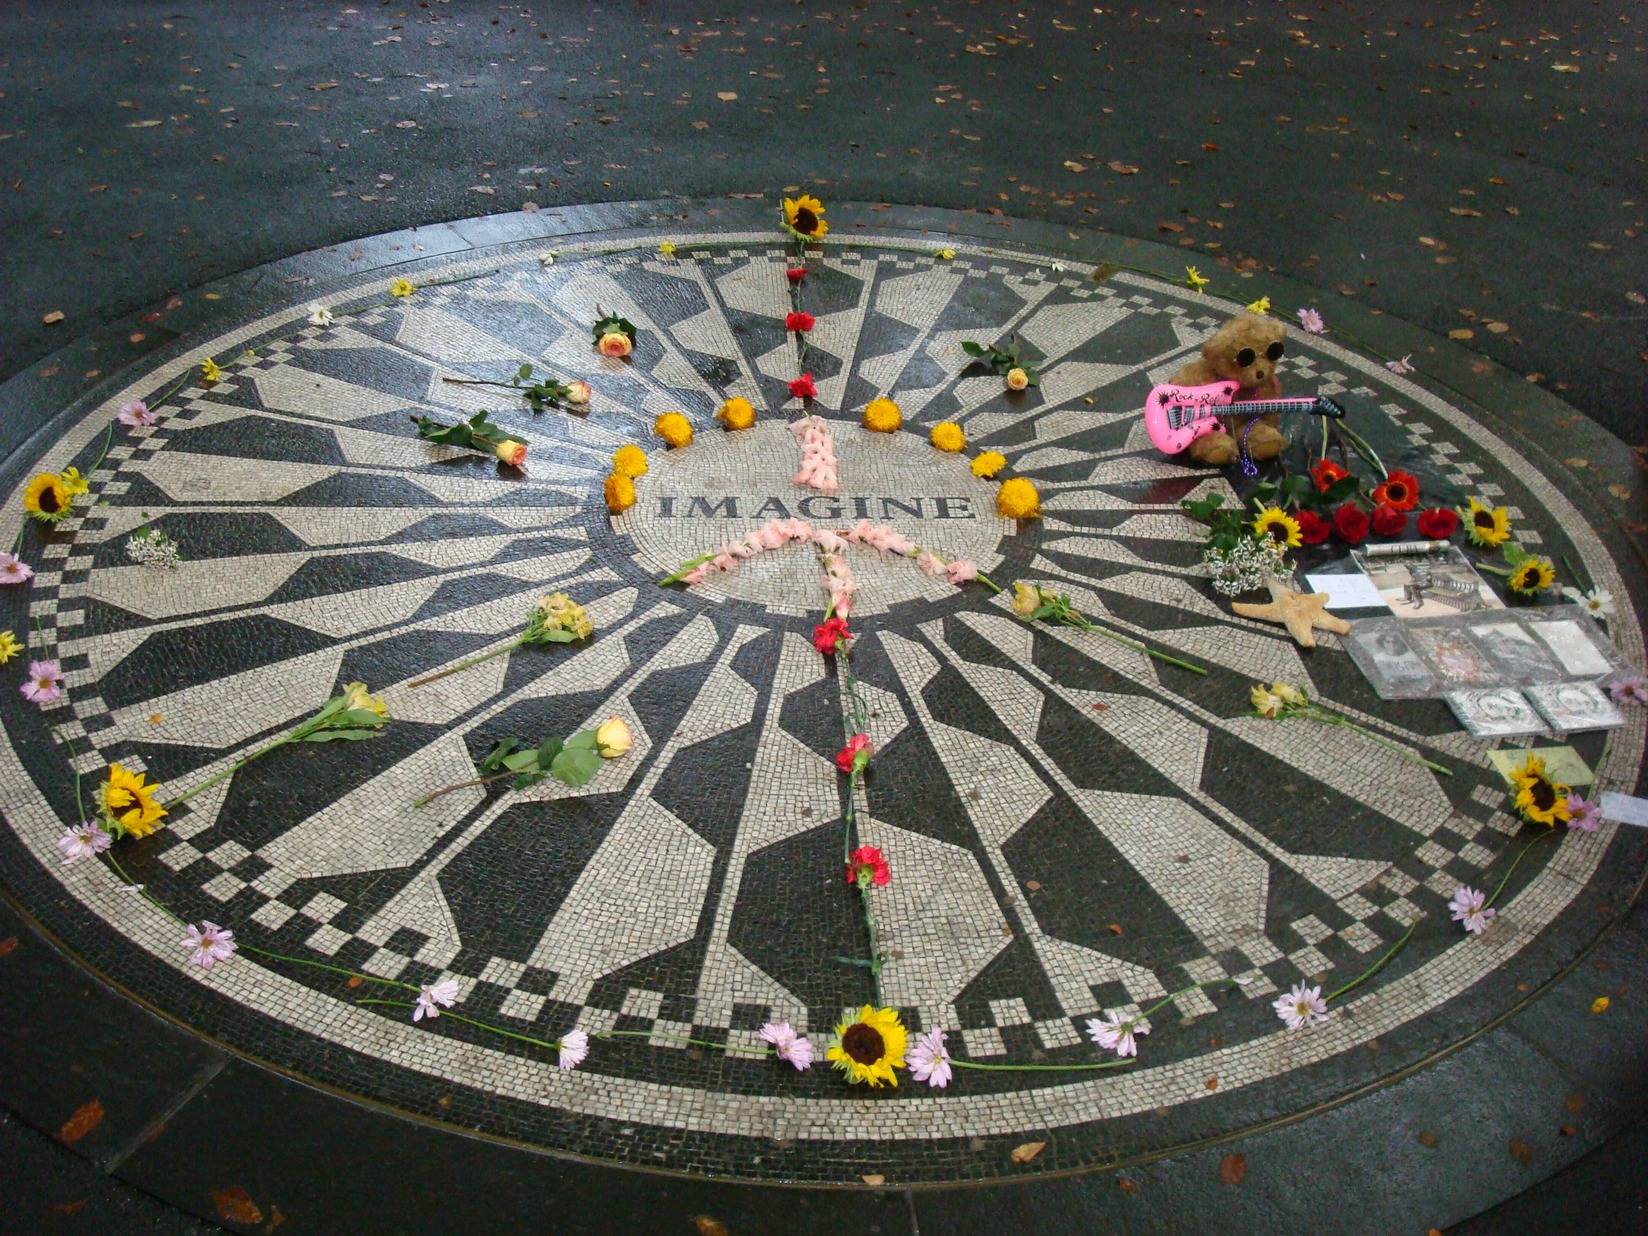 New York City_Central Park_John Lennon Memorial